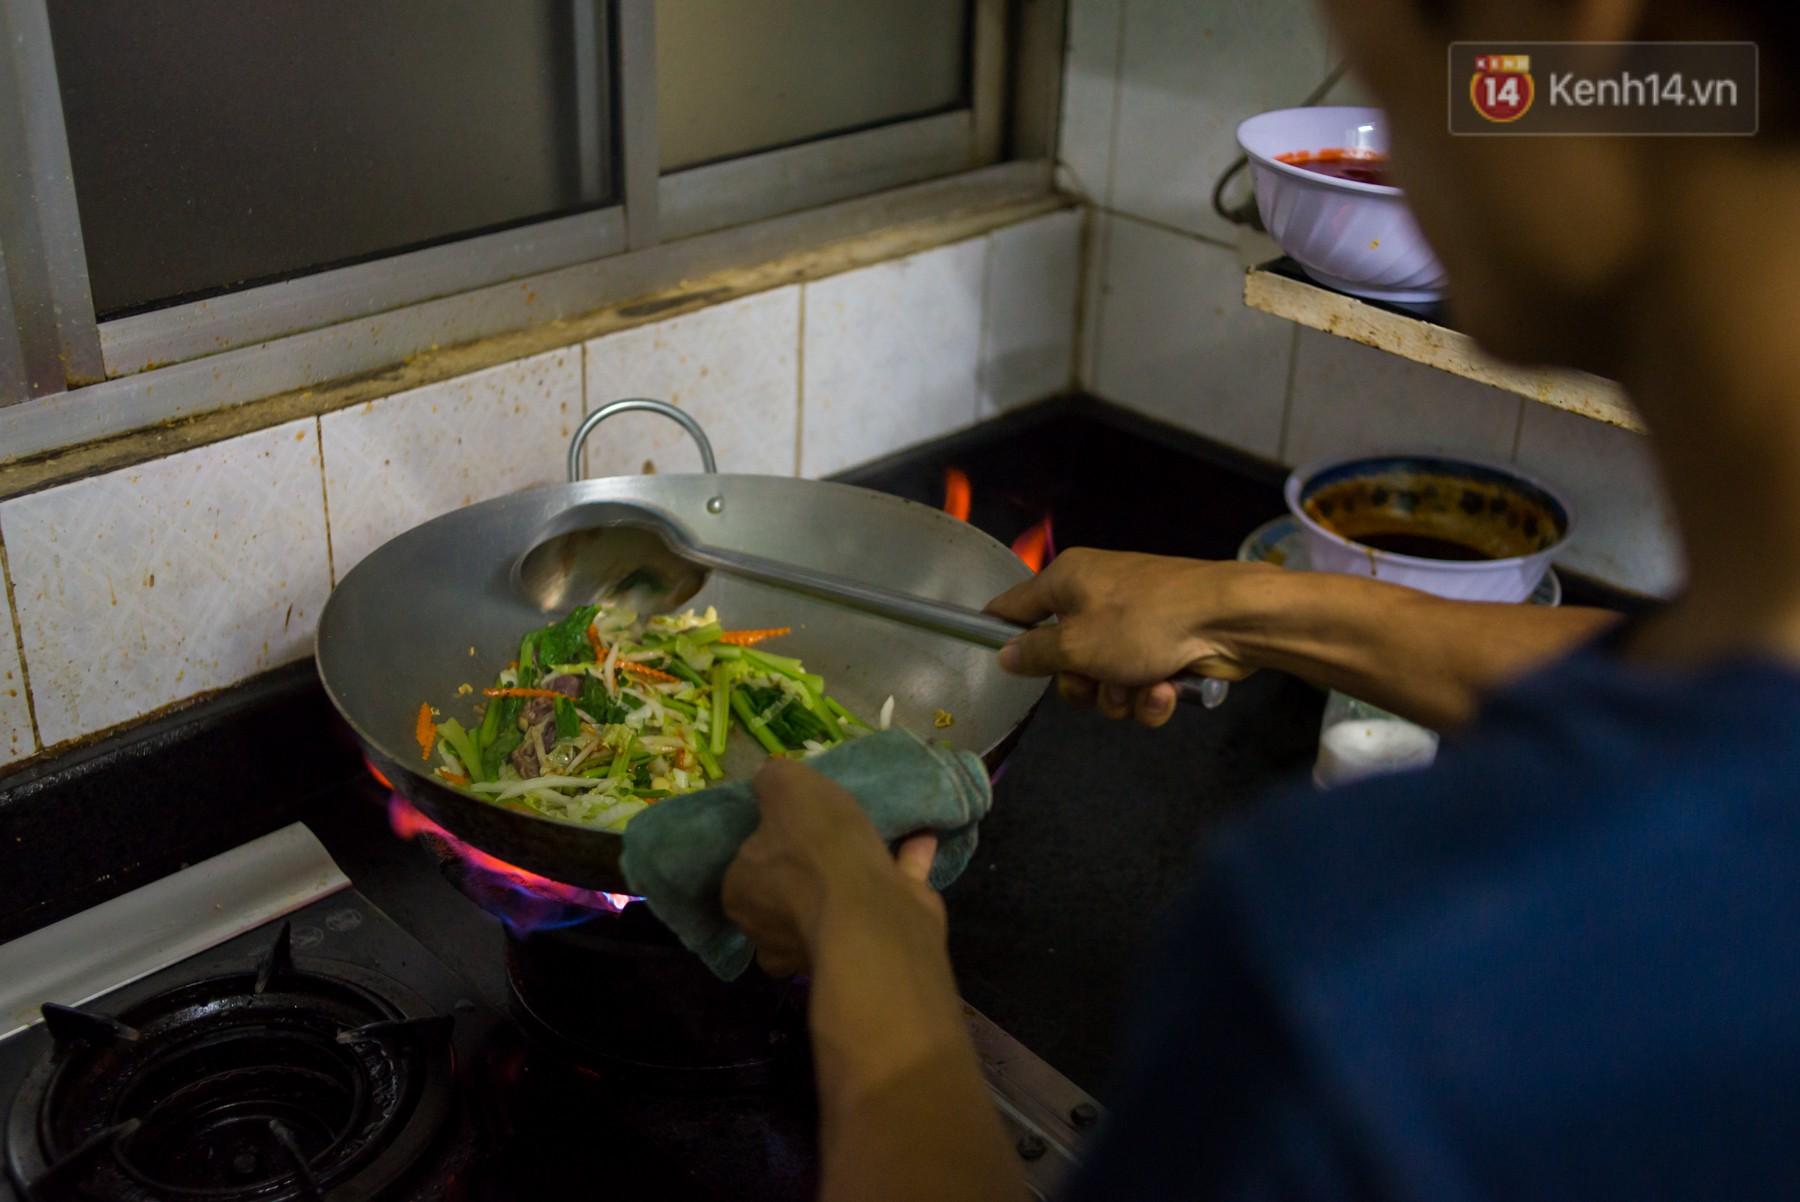 Dịch vụ giao thức ăn đêm ở Sài Gòn tăng cường hoạt động đến gần 3h sáng trong mùa World Cup - Ảnh 4.